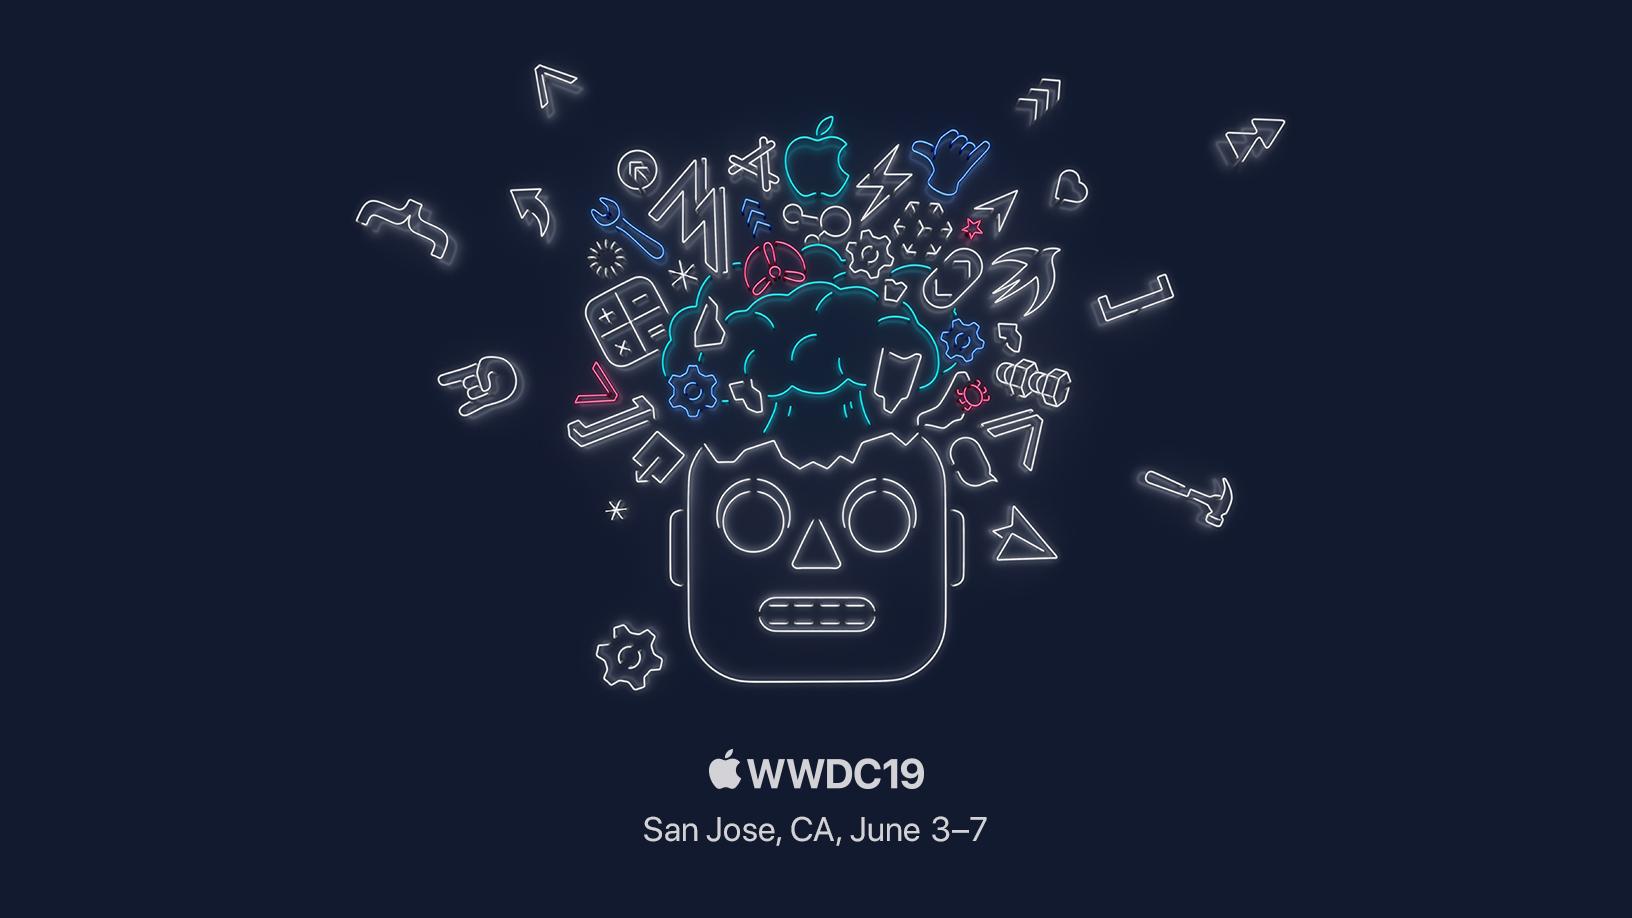 La conférence développeurs d'Apple se tiendra du 3 au 7 juin : iOS 13 en vue ! 1